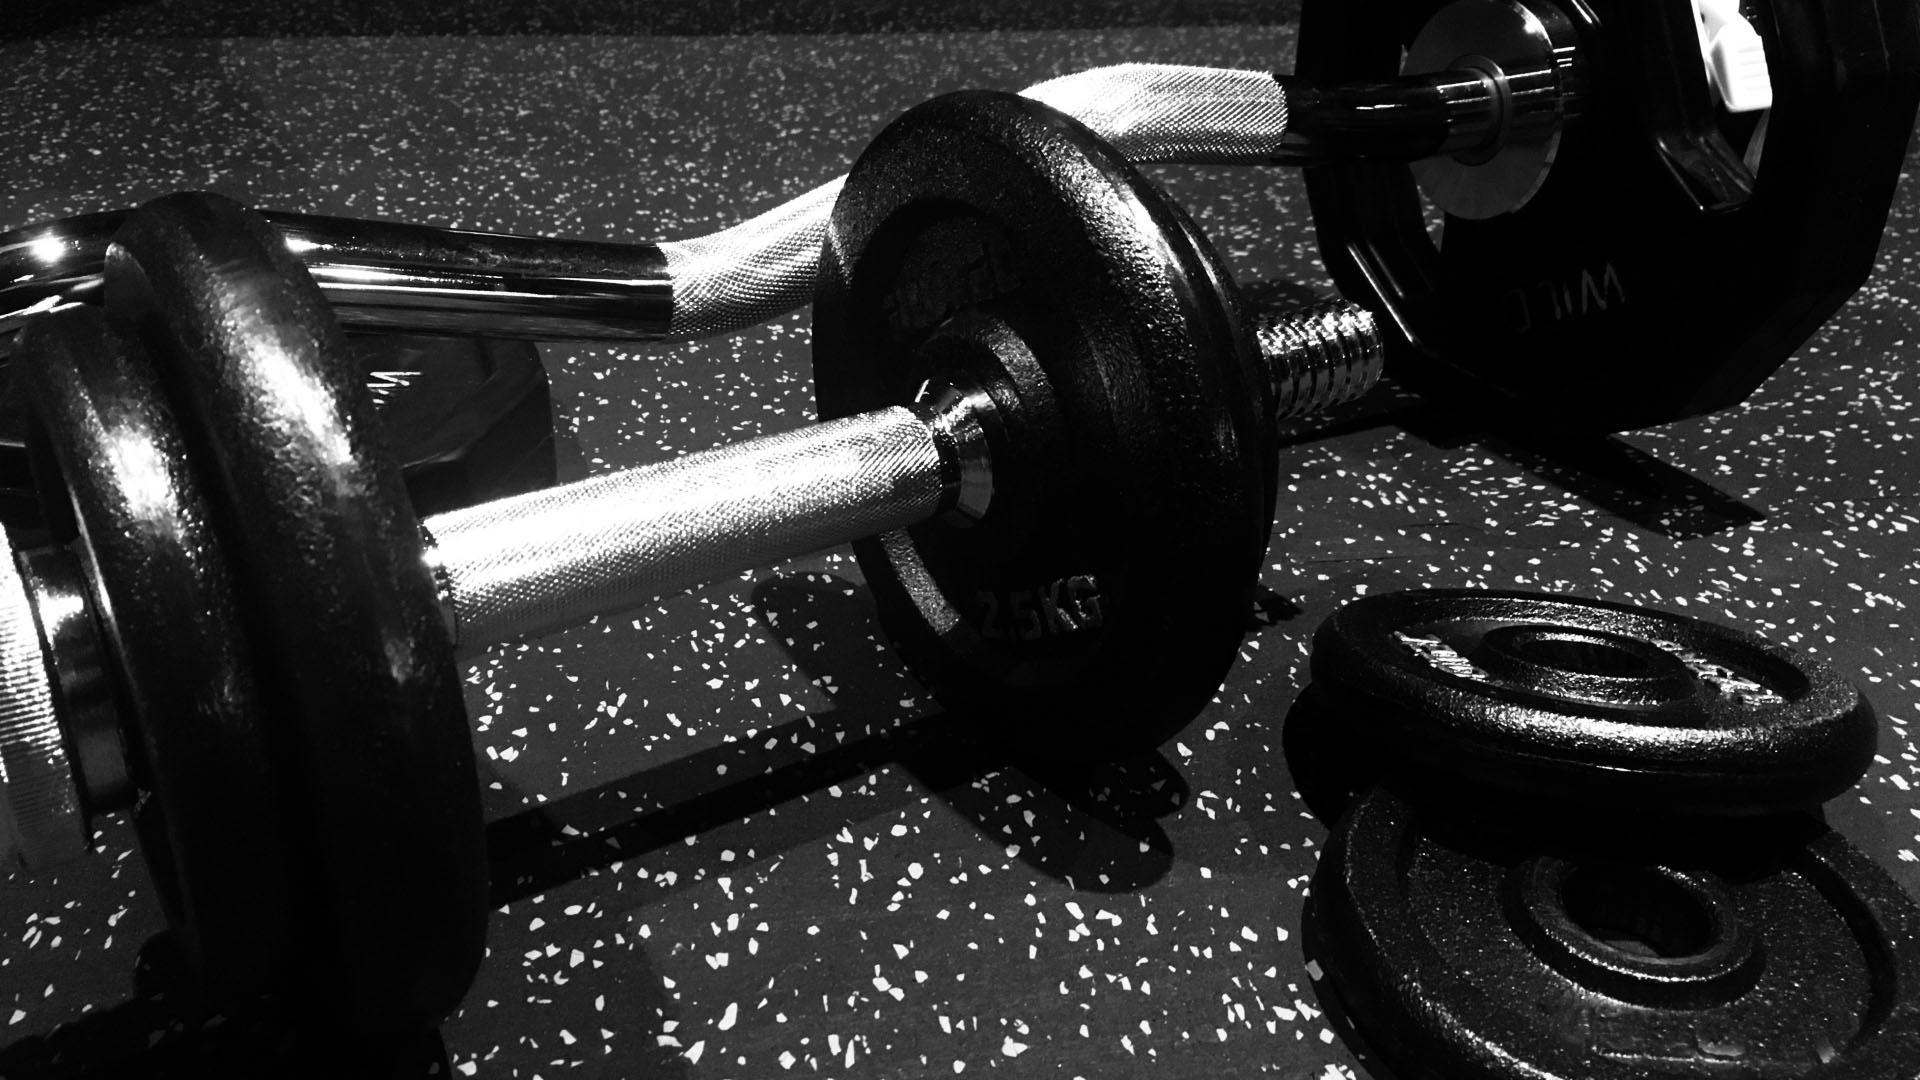 【ダンベル&ベンチ】おすすめの筋トレ器具を紹介!!安くても筋肉はつく!